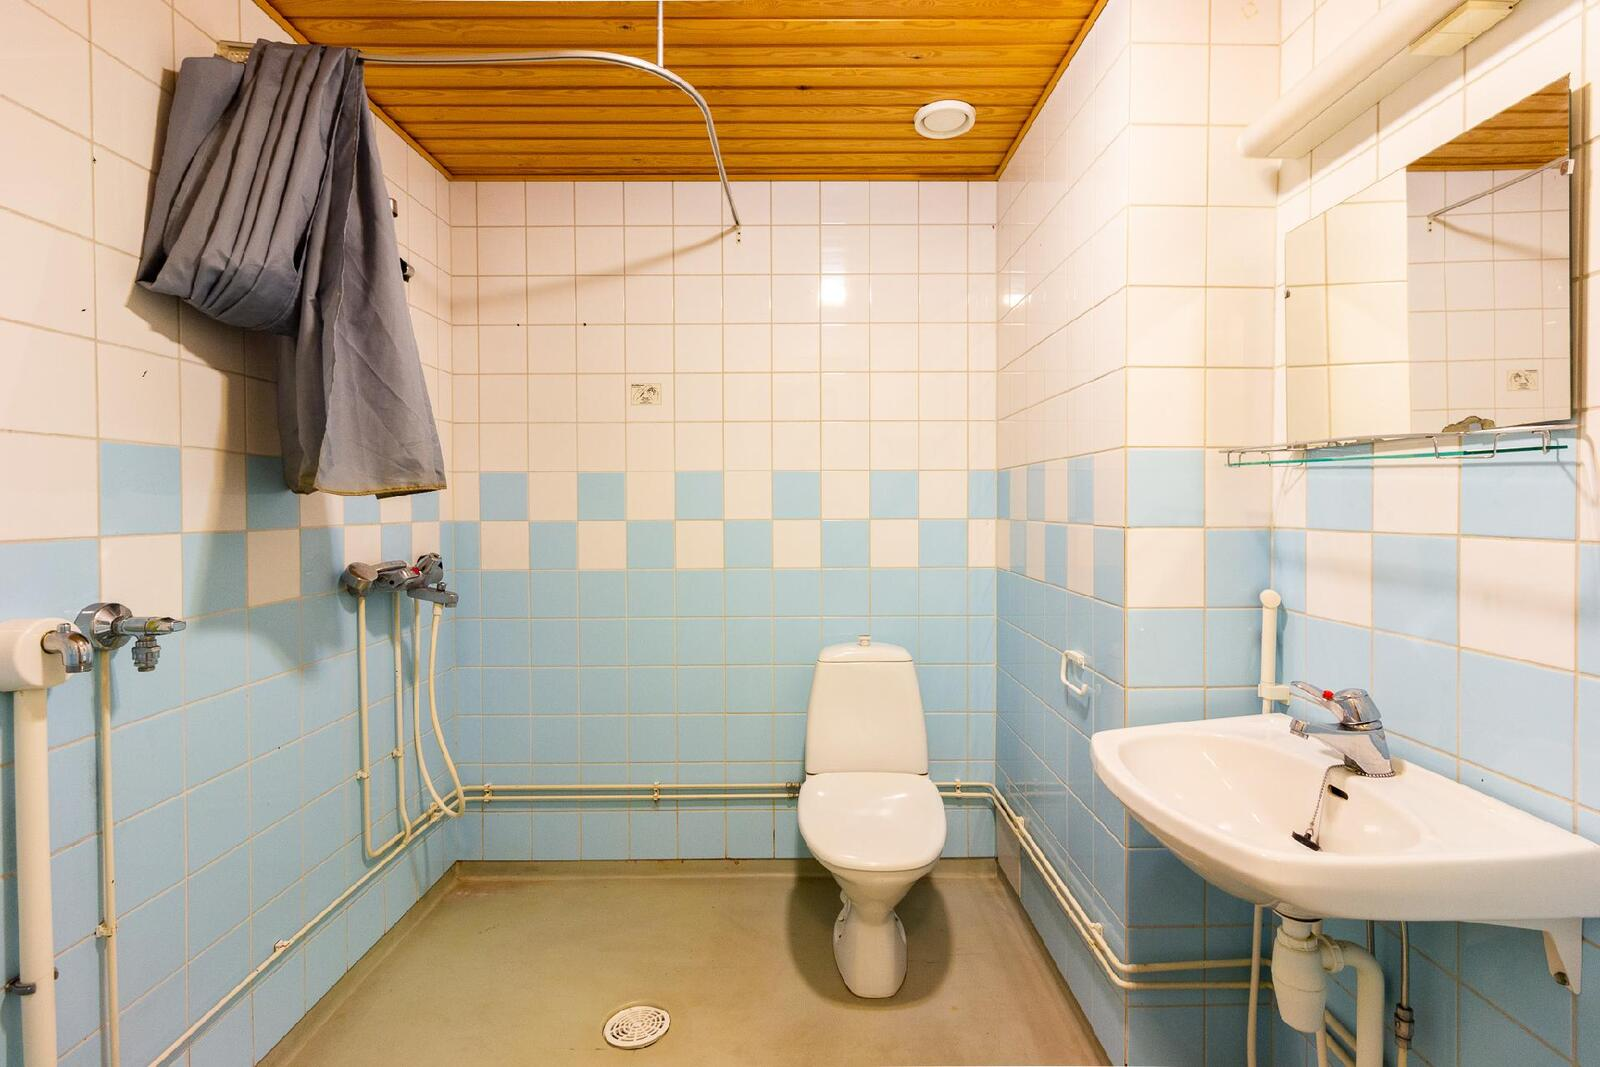 esimerkki kuva huoneiston pesuhuoneesta